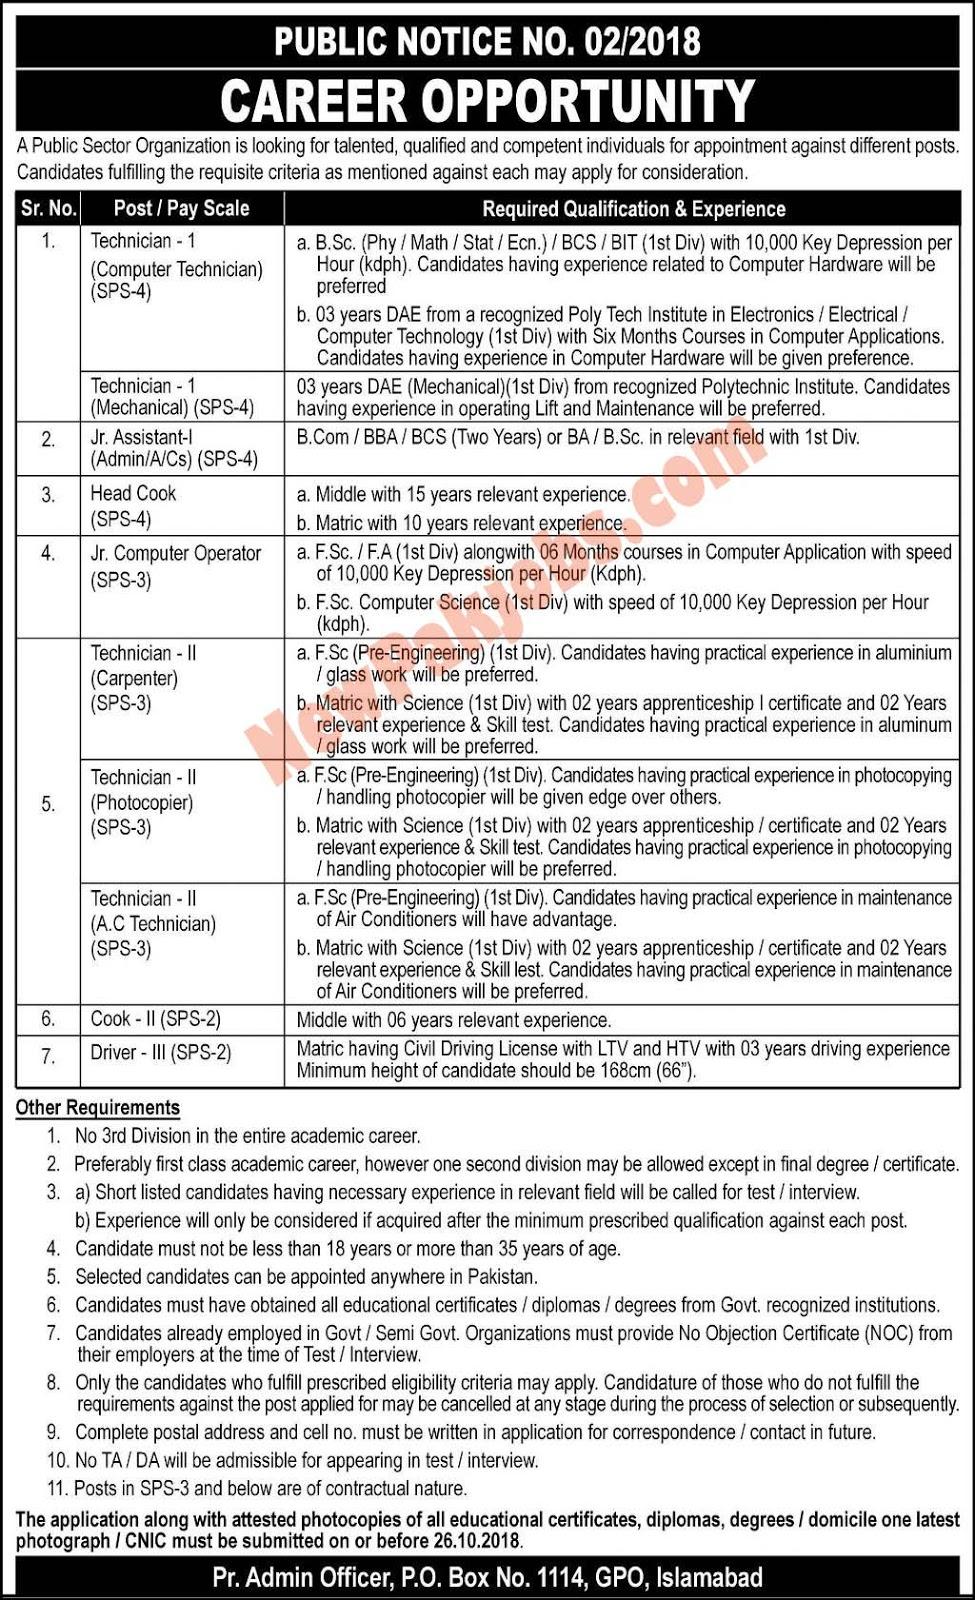 NTS Latest Vacancies in Public Sector Organization Islamabad 2018